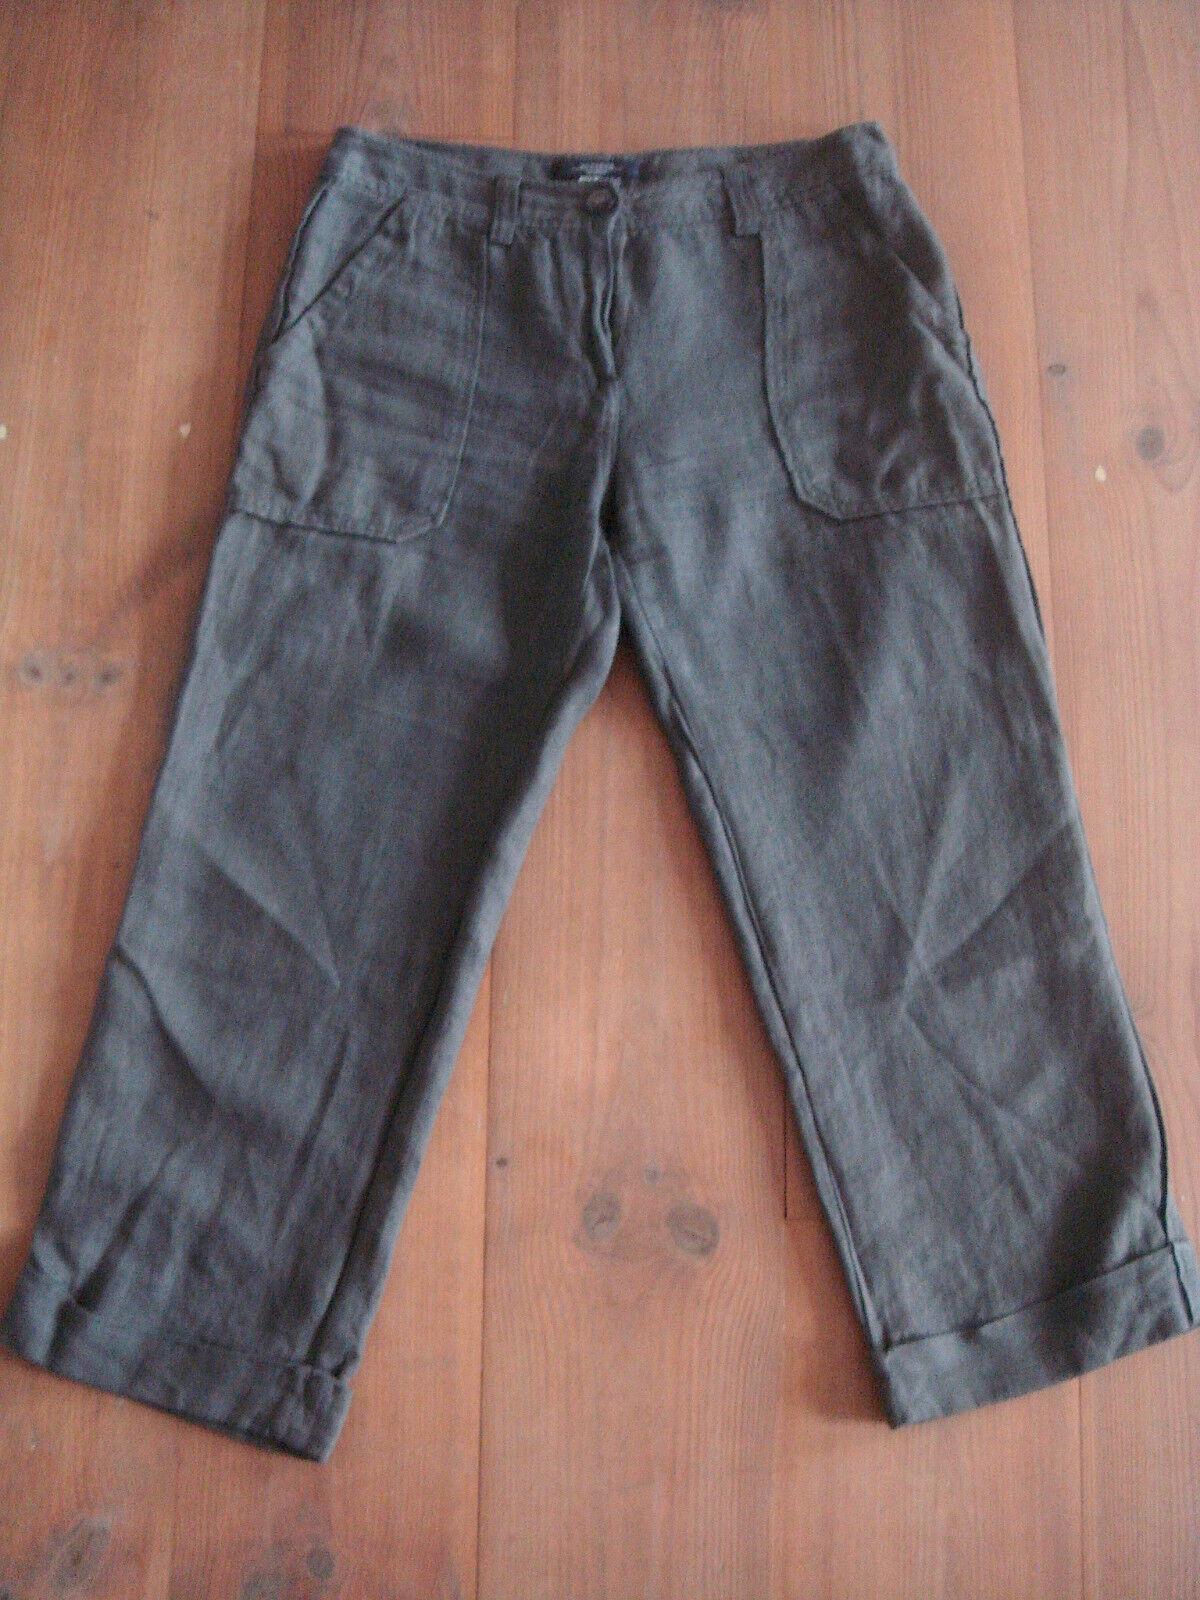 MAX MARA WEEKEND Hose 7 8 Länge gerades Bein bequem Khaki-green 100% Leinen Gr.38